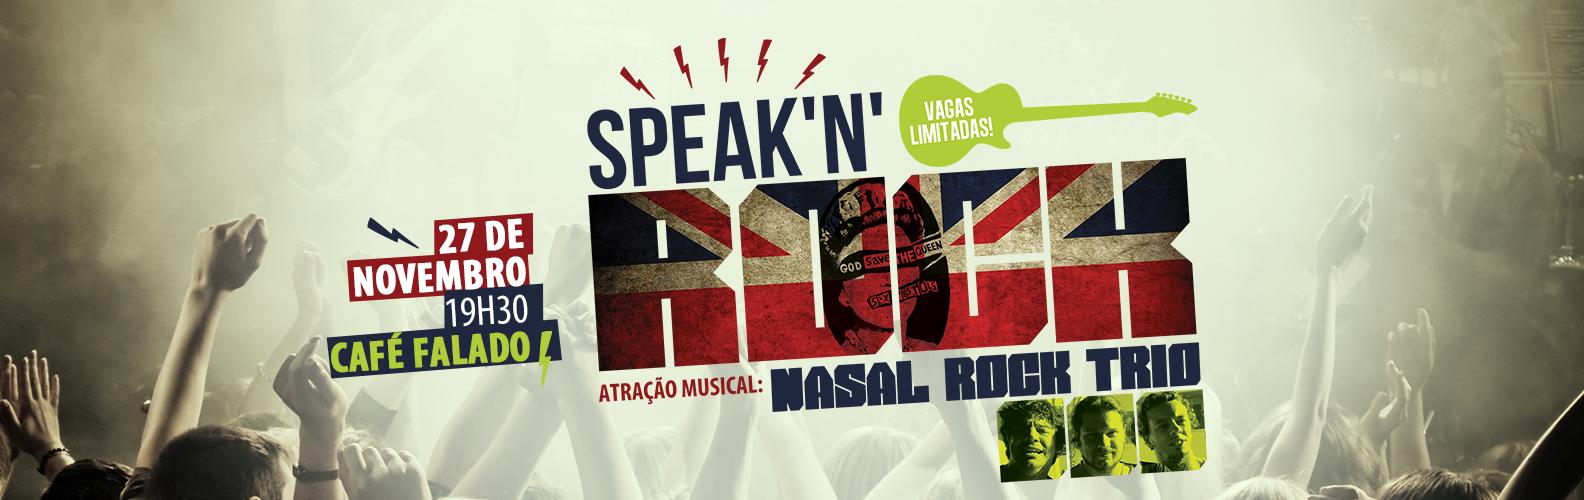 Mais uma edição do Speak'n'Rock está chegando!